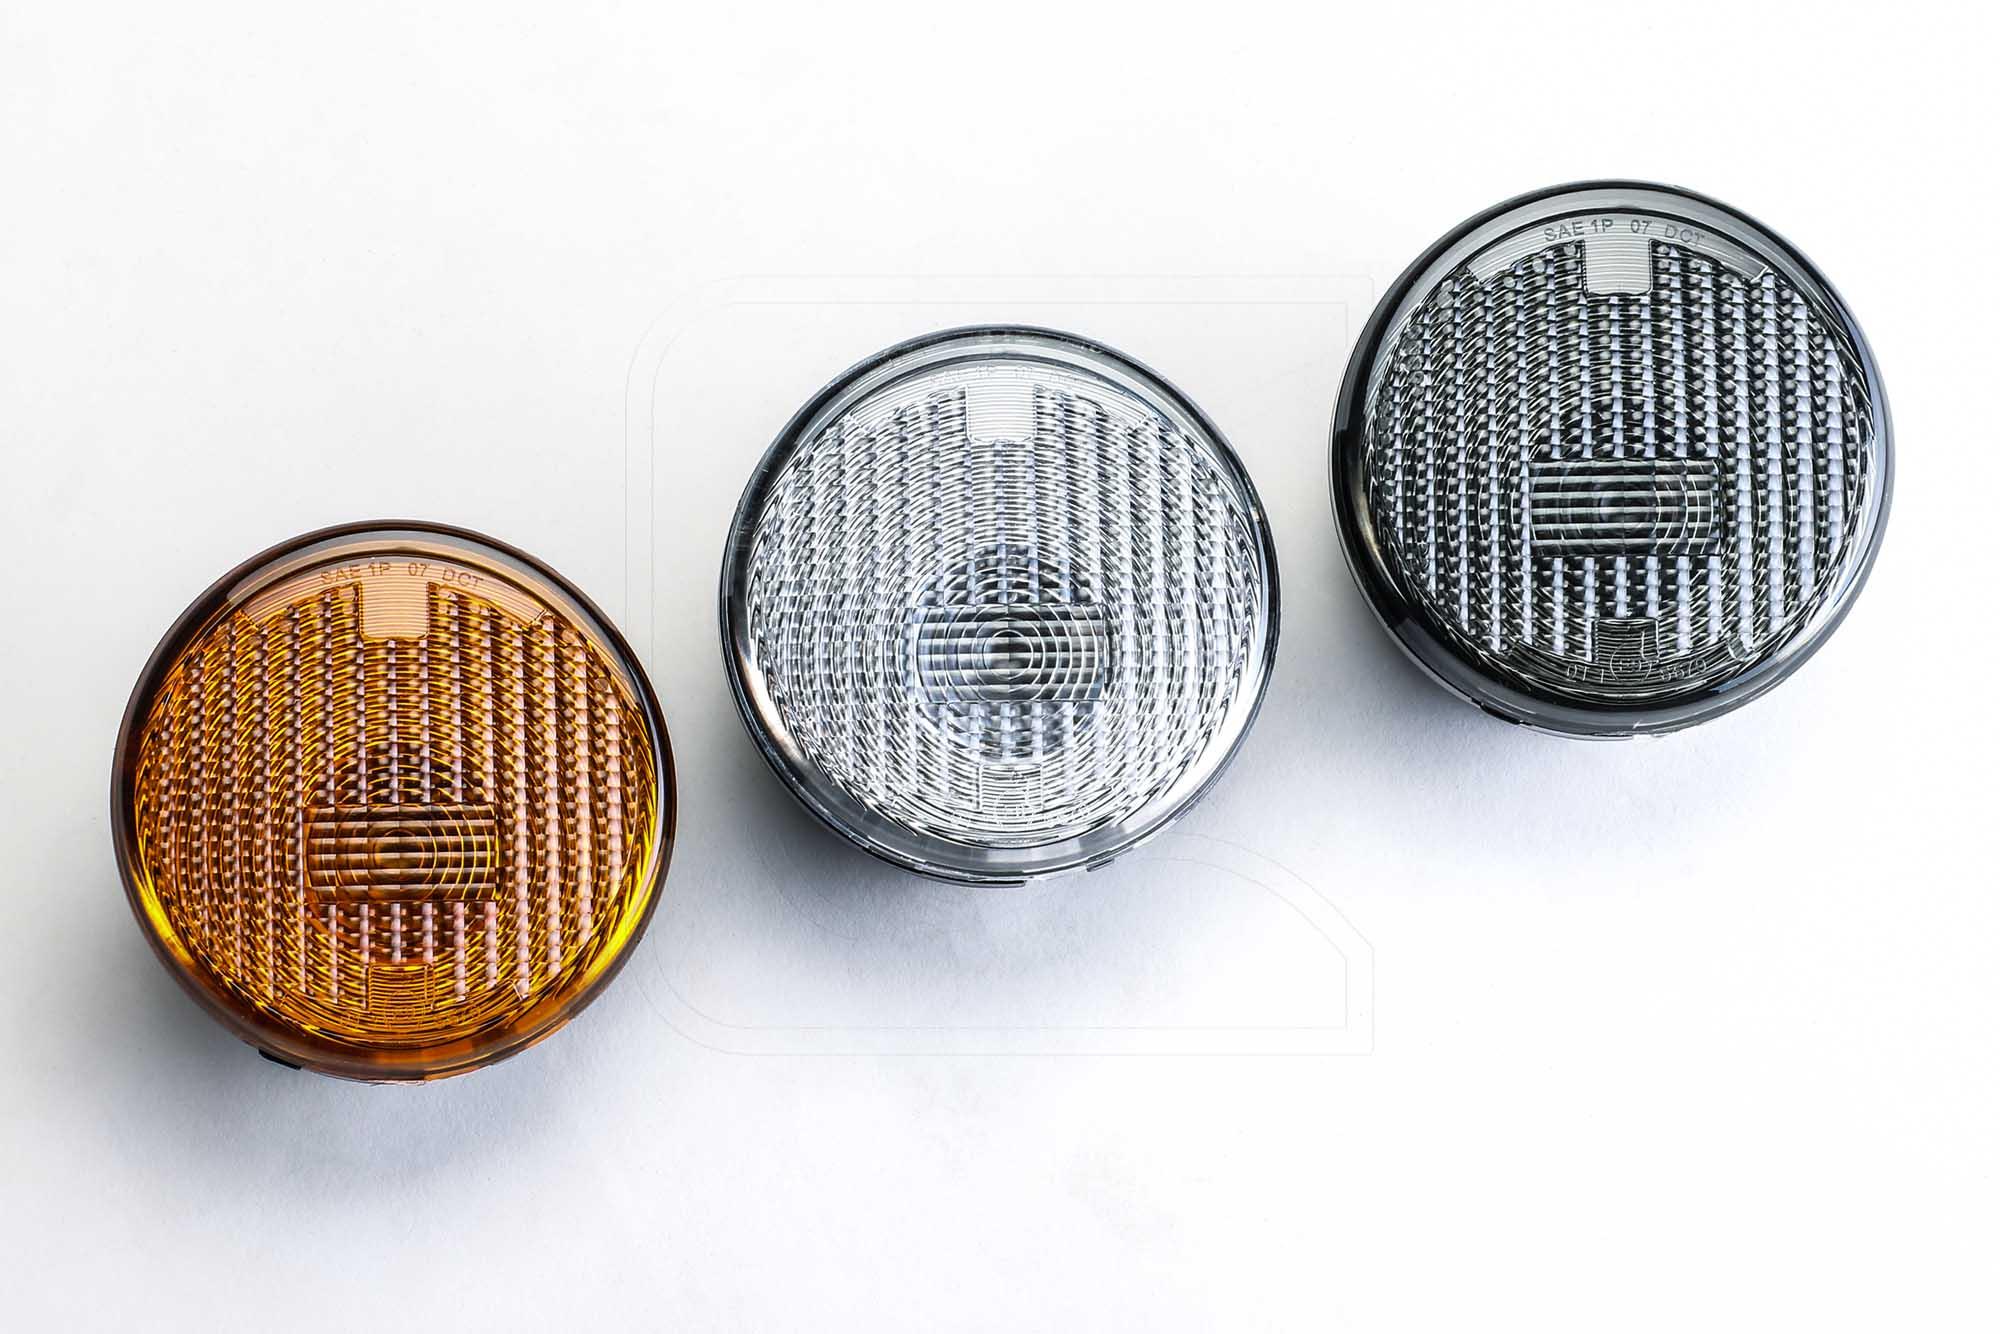 Nakatanenga LED-Frontblinker Jeep Wrangler JK